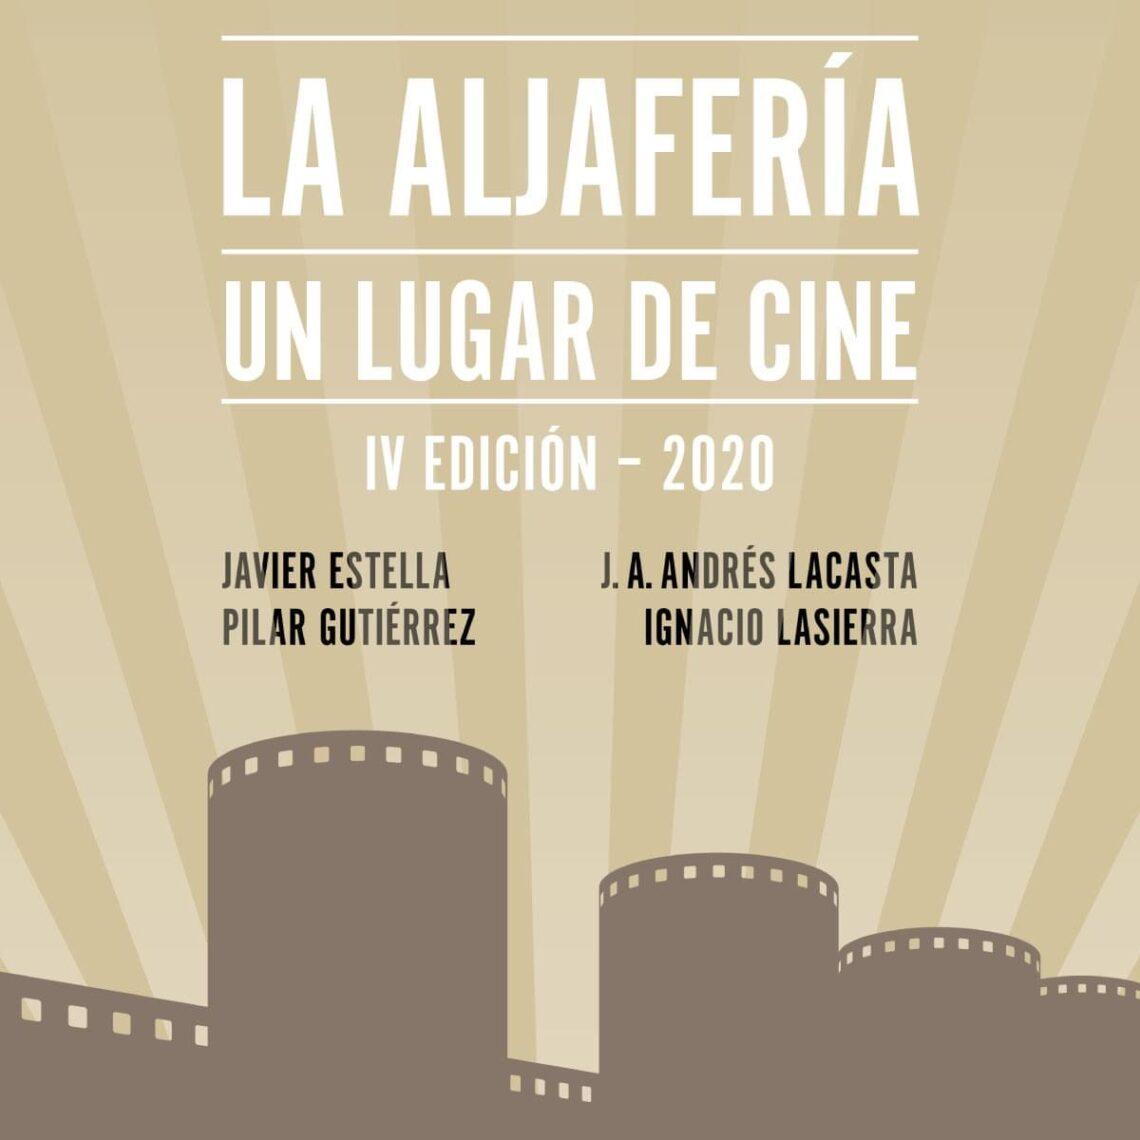 la Aljaferia Un Lugar de Cine